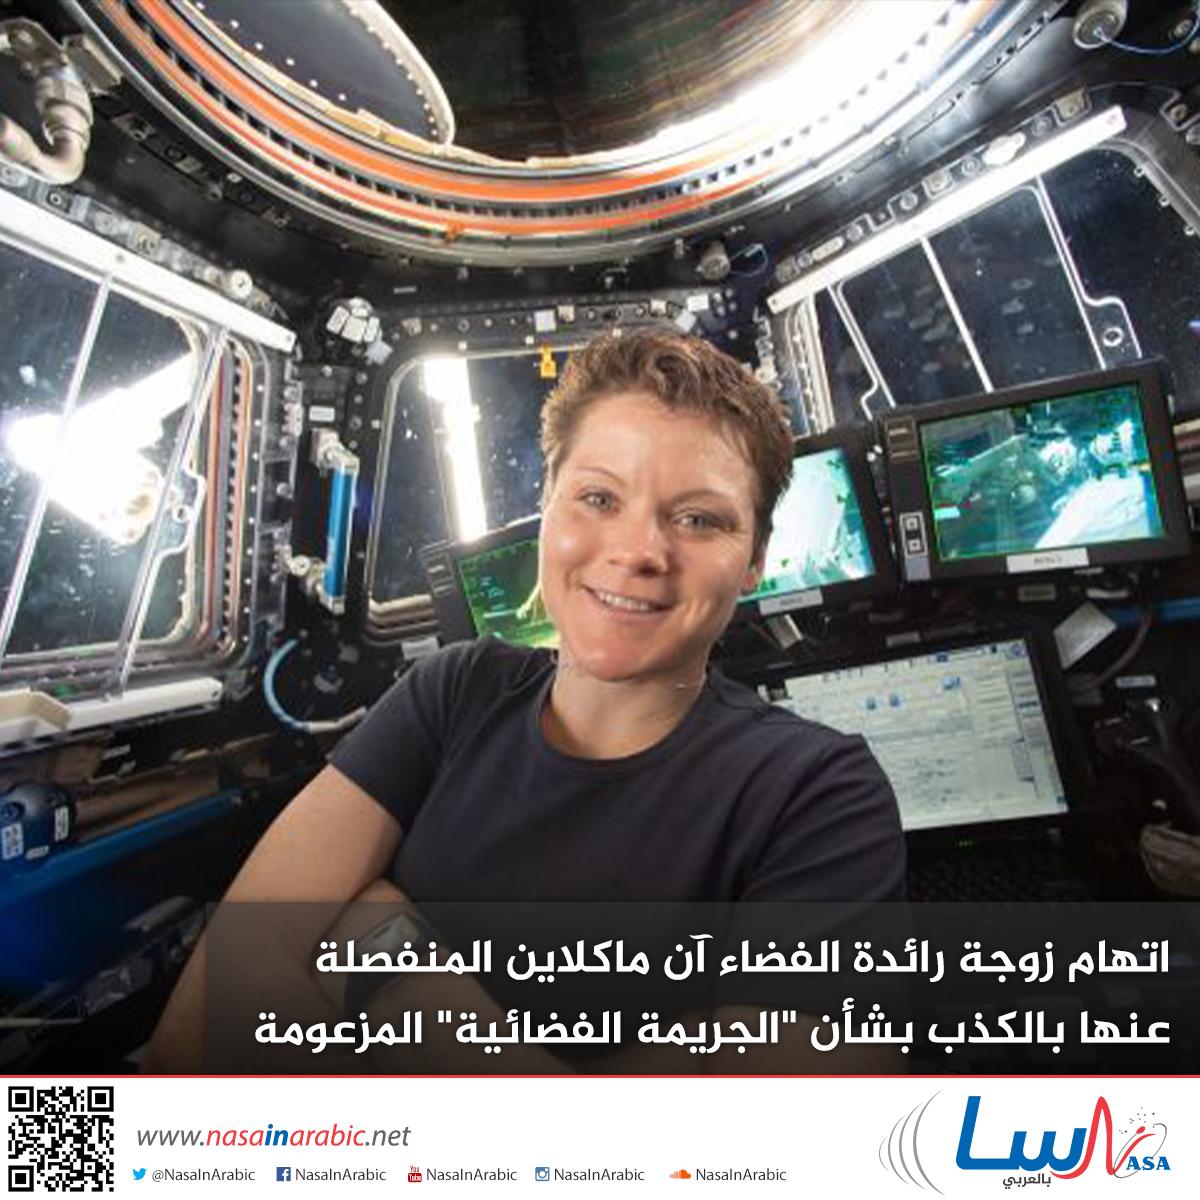 اتهام زوجة رائدة الفضاء آن ماكلاين المنفصلة عنها بالكذب بشأن